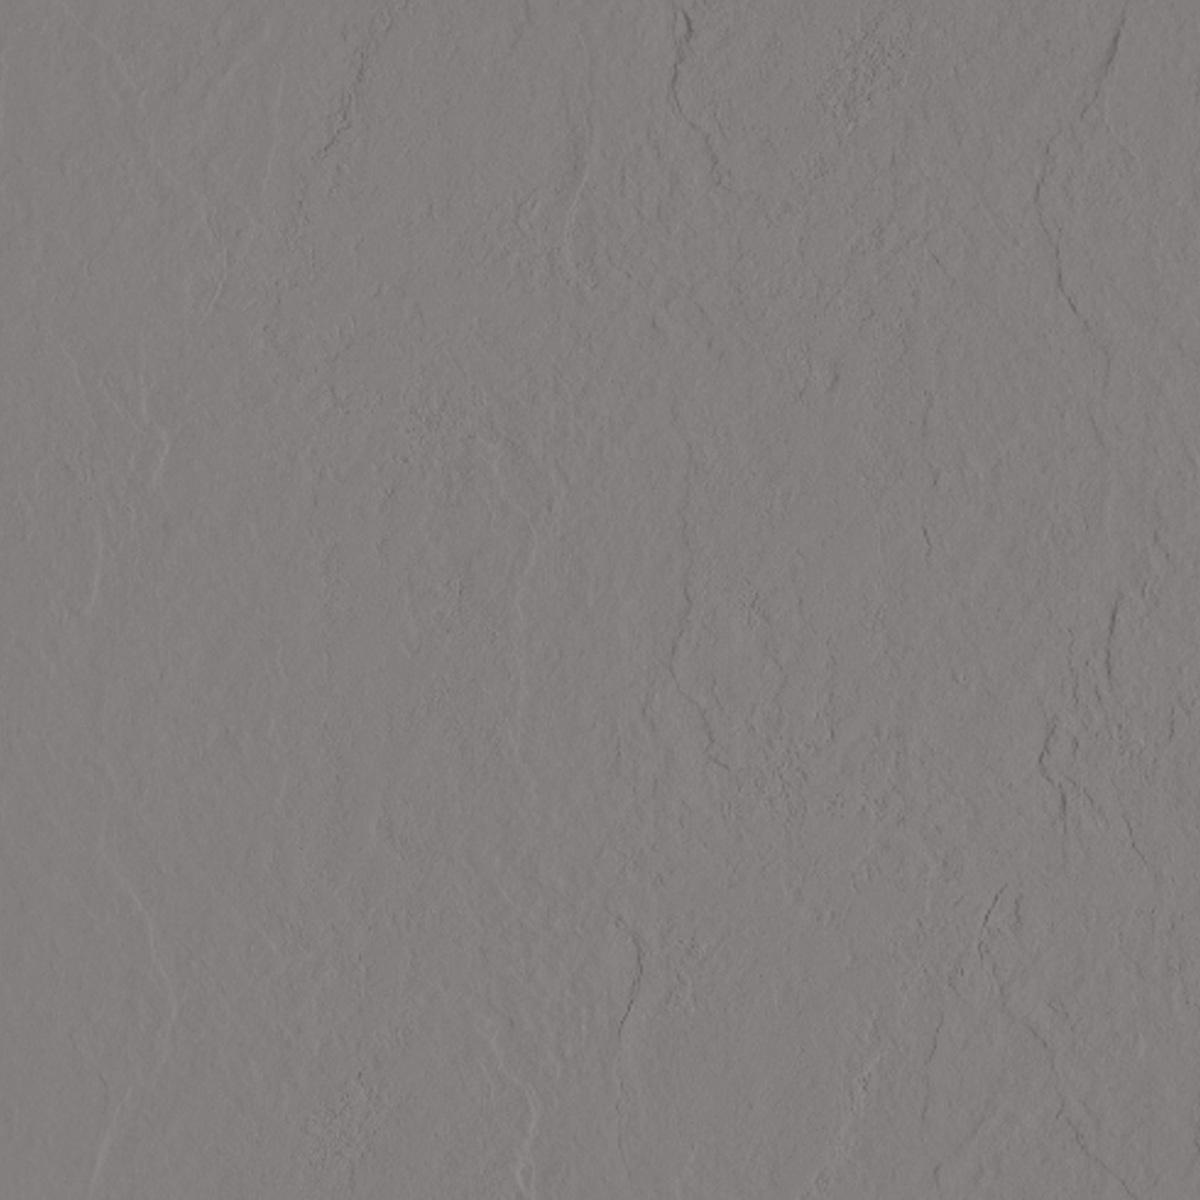 瓷磚 - 純色系列 - 粗糙面灰 300x600mm (8塊)